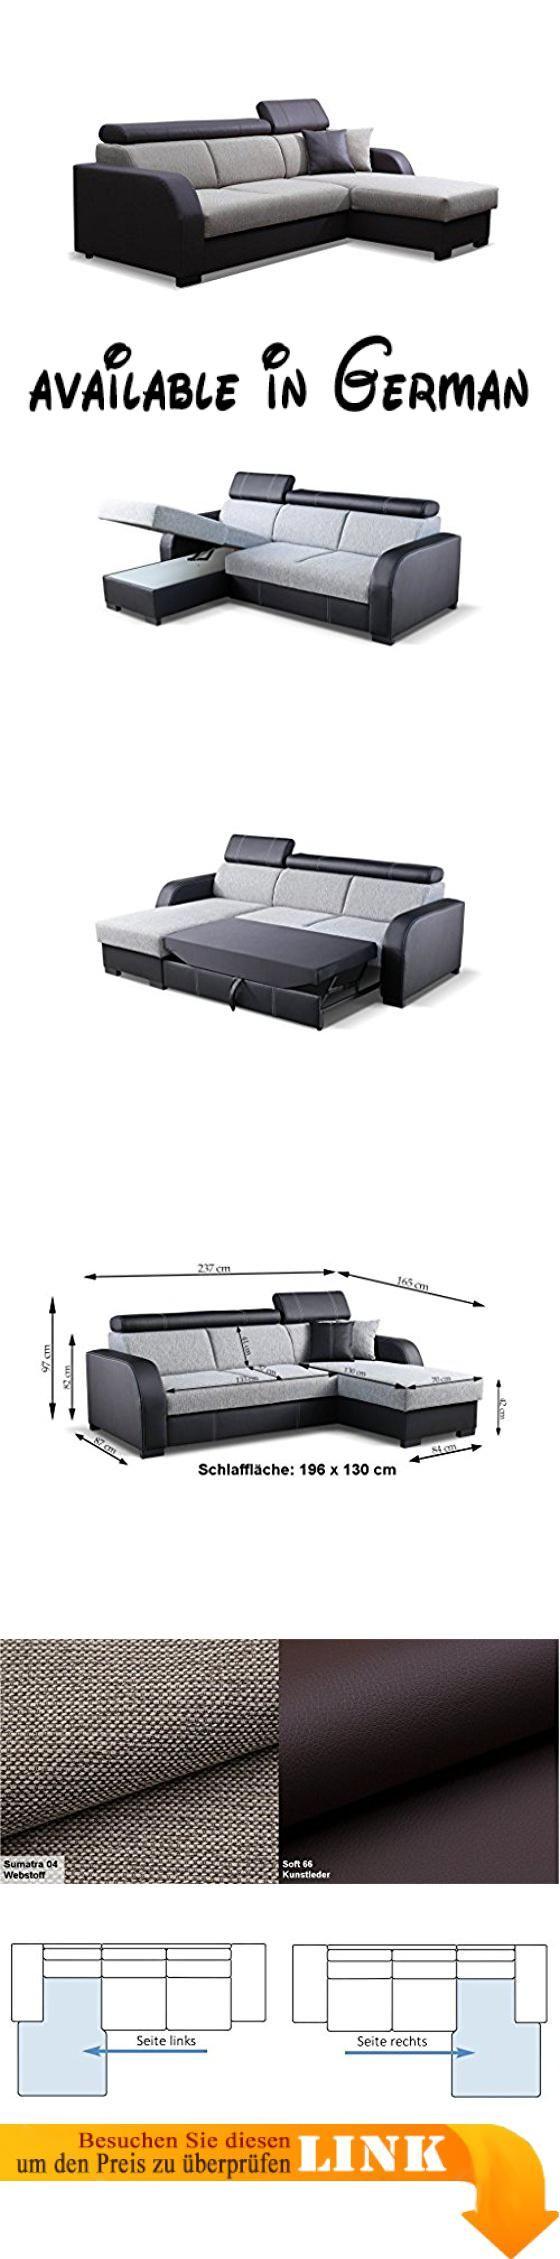 B06xj2j8v1 Couch Mit Schlaffunktion Eckcouch Ecksofa